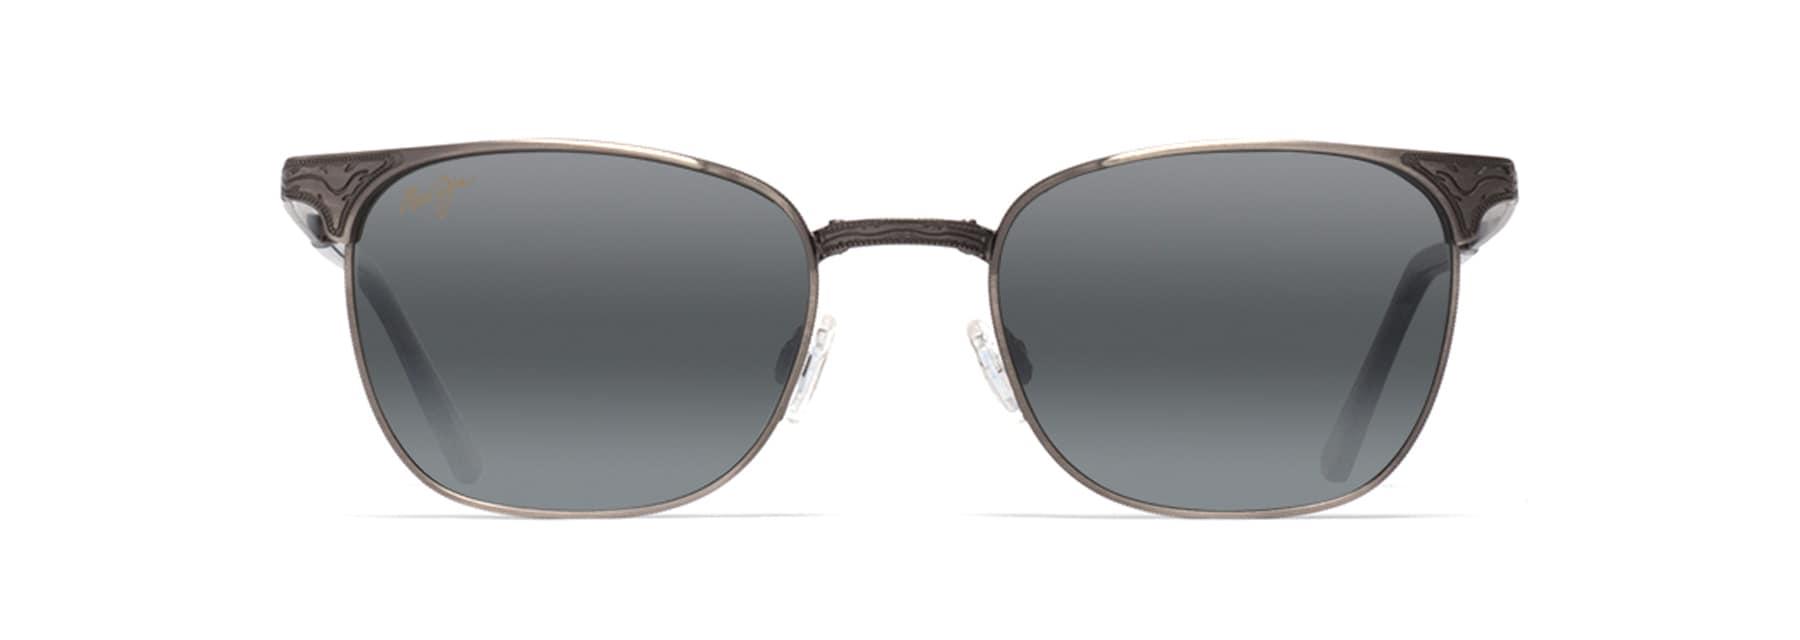 e8f8689d60d Polarised Sunglasses Maui Stillwater Stillwater Maui Sunglasses Stillwater  Jim® Jim® Polarised qaxx6BF4Rw